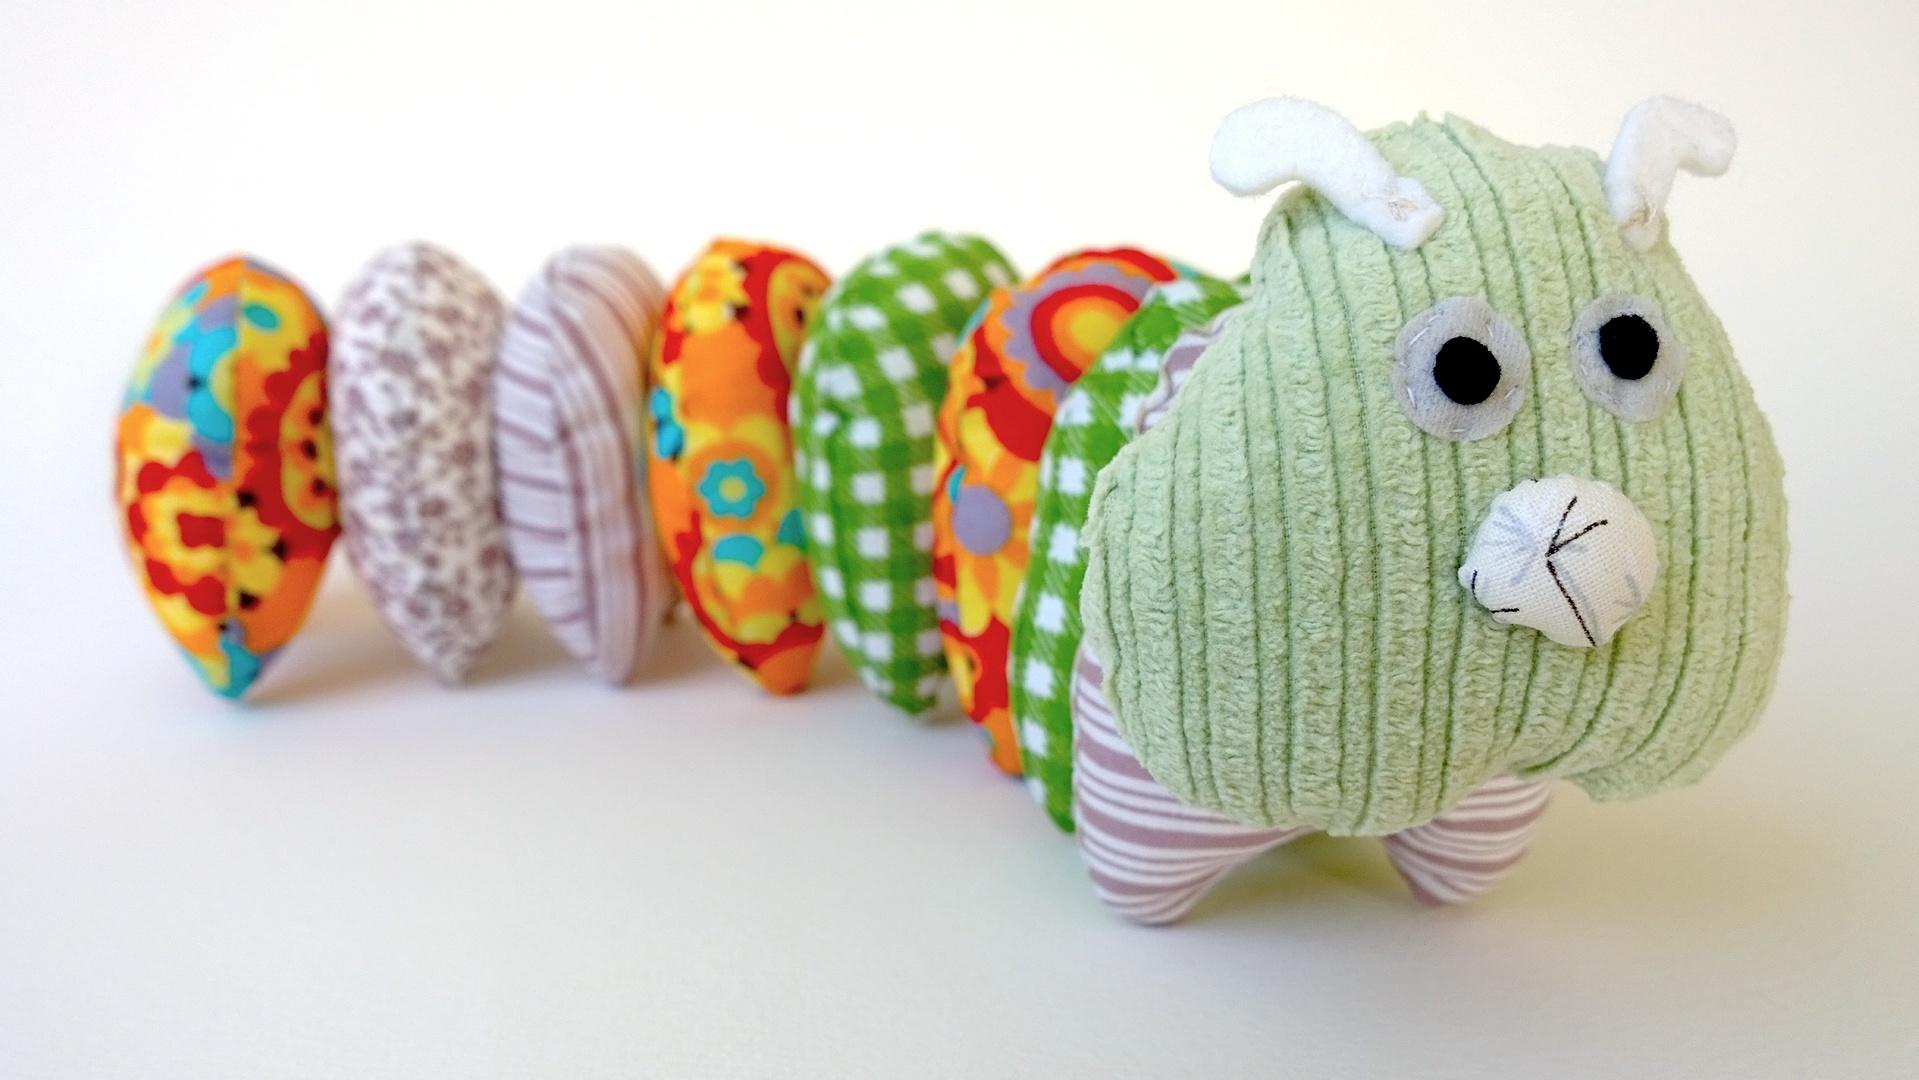 гусеница малышей игрушка ручная для работа подарок